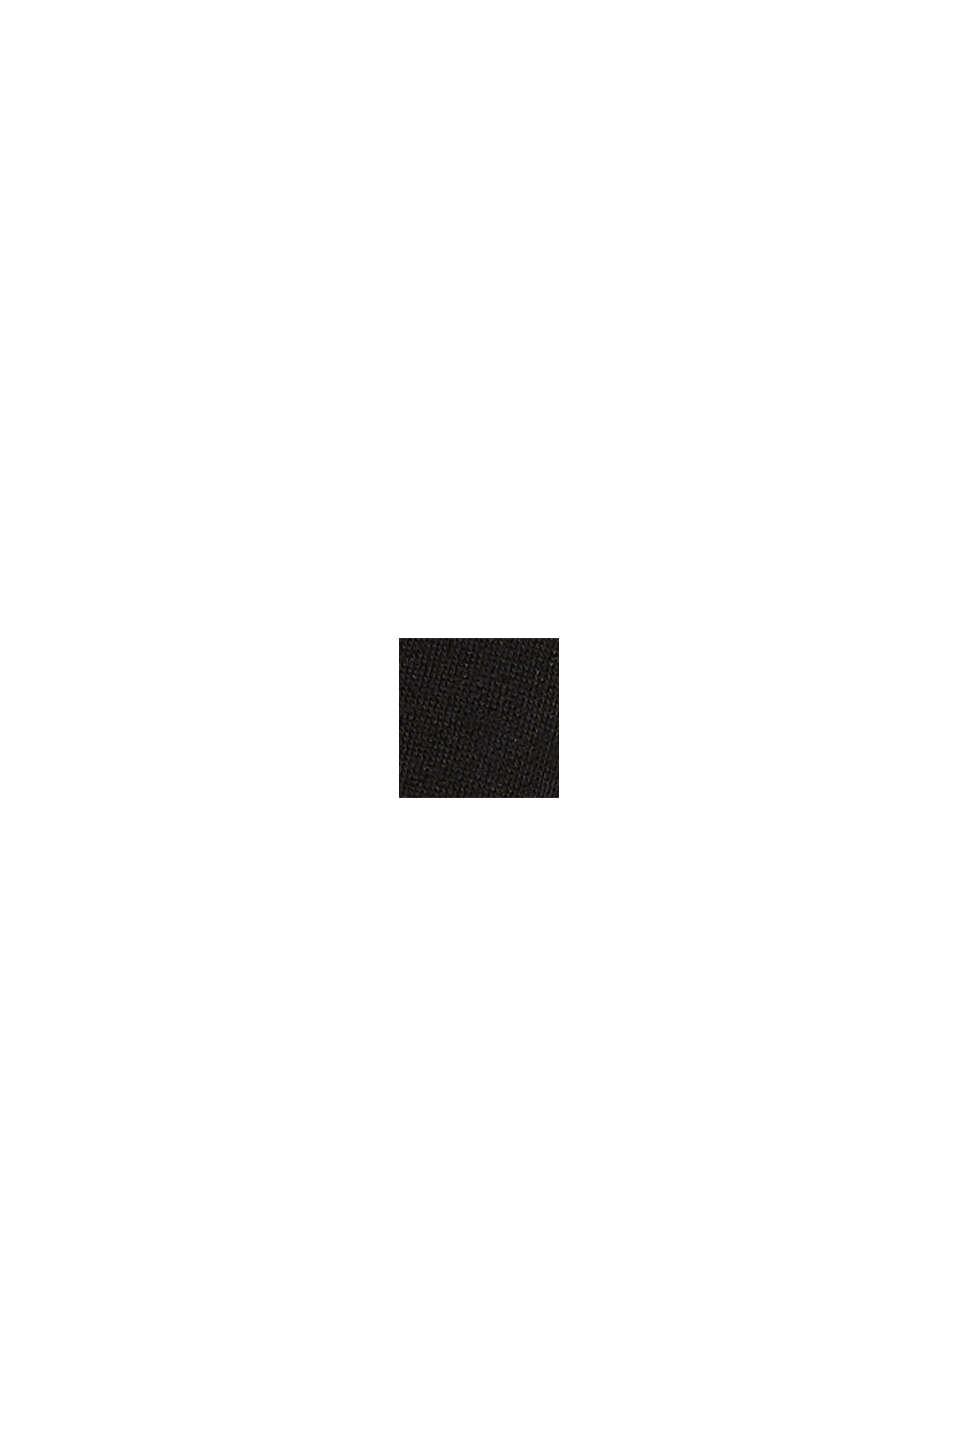 Sweat-shirt en jersey stretch à la coupe carrée, BLACK, swatch